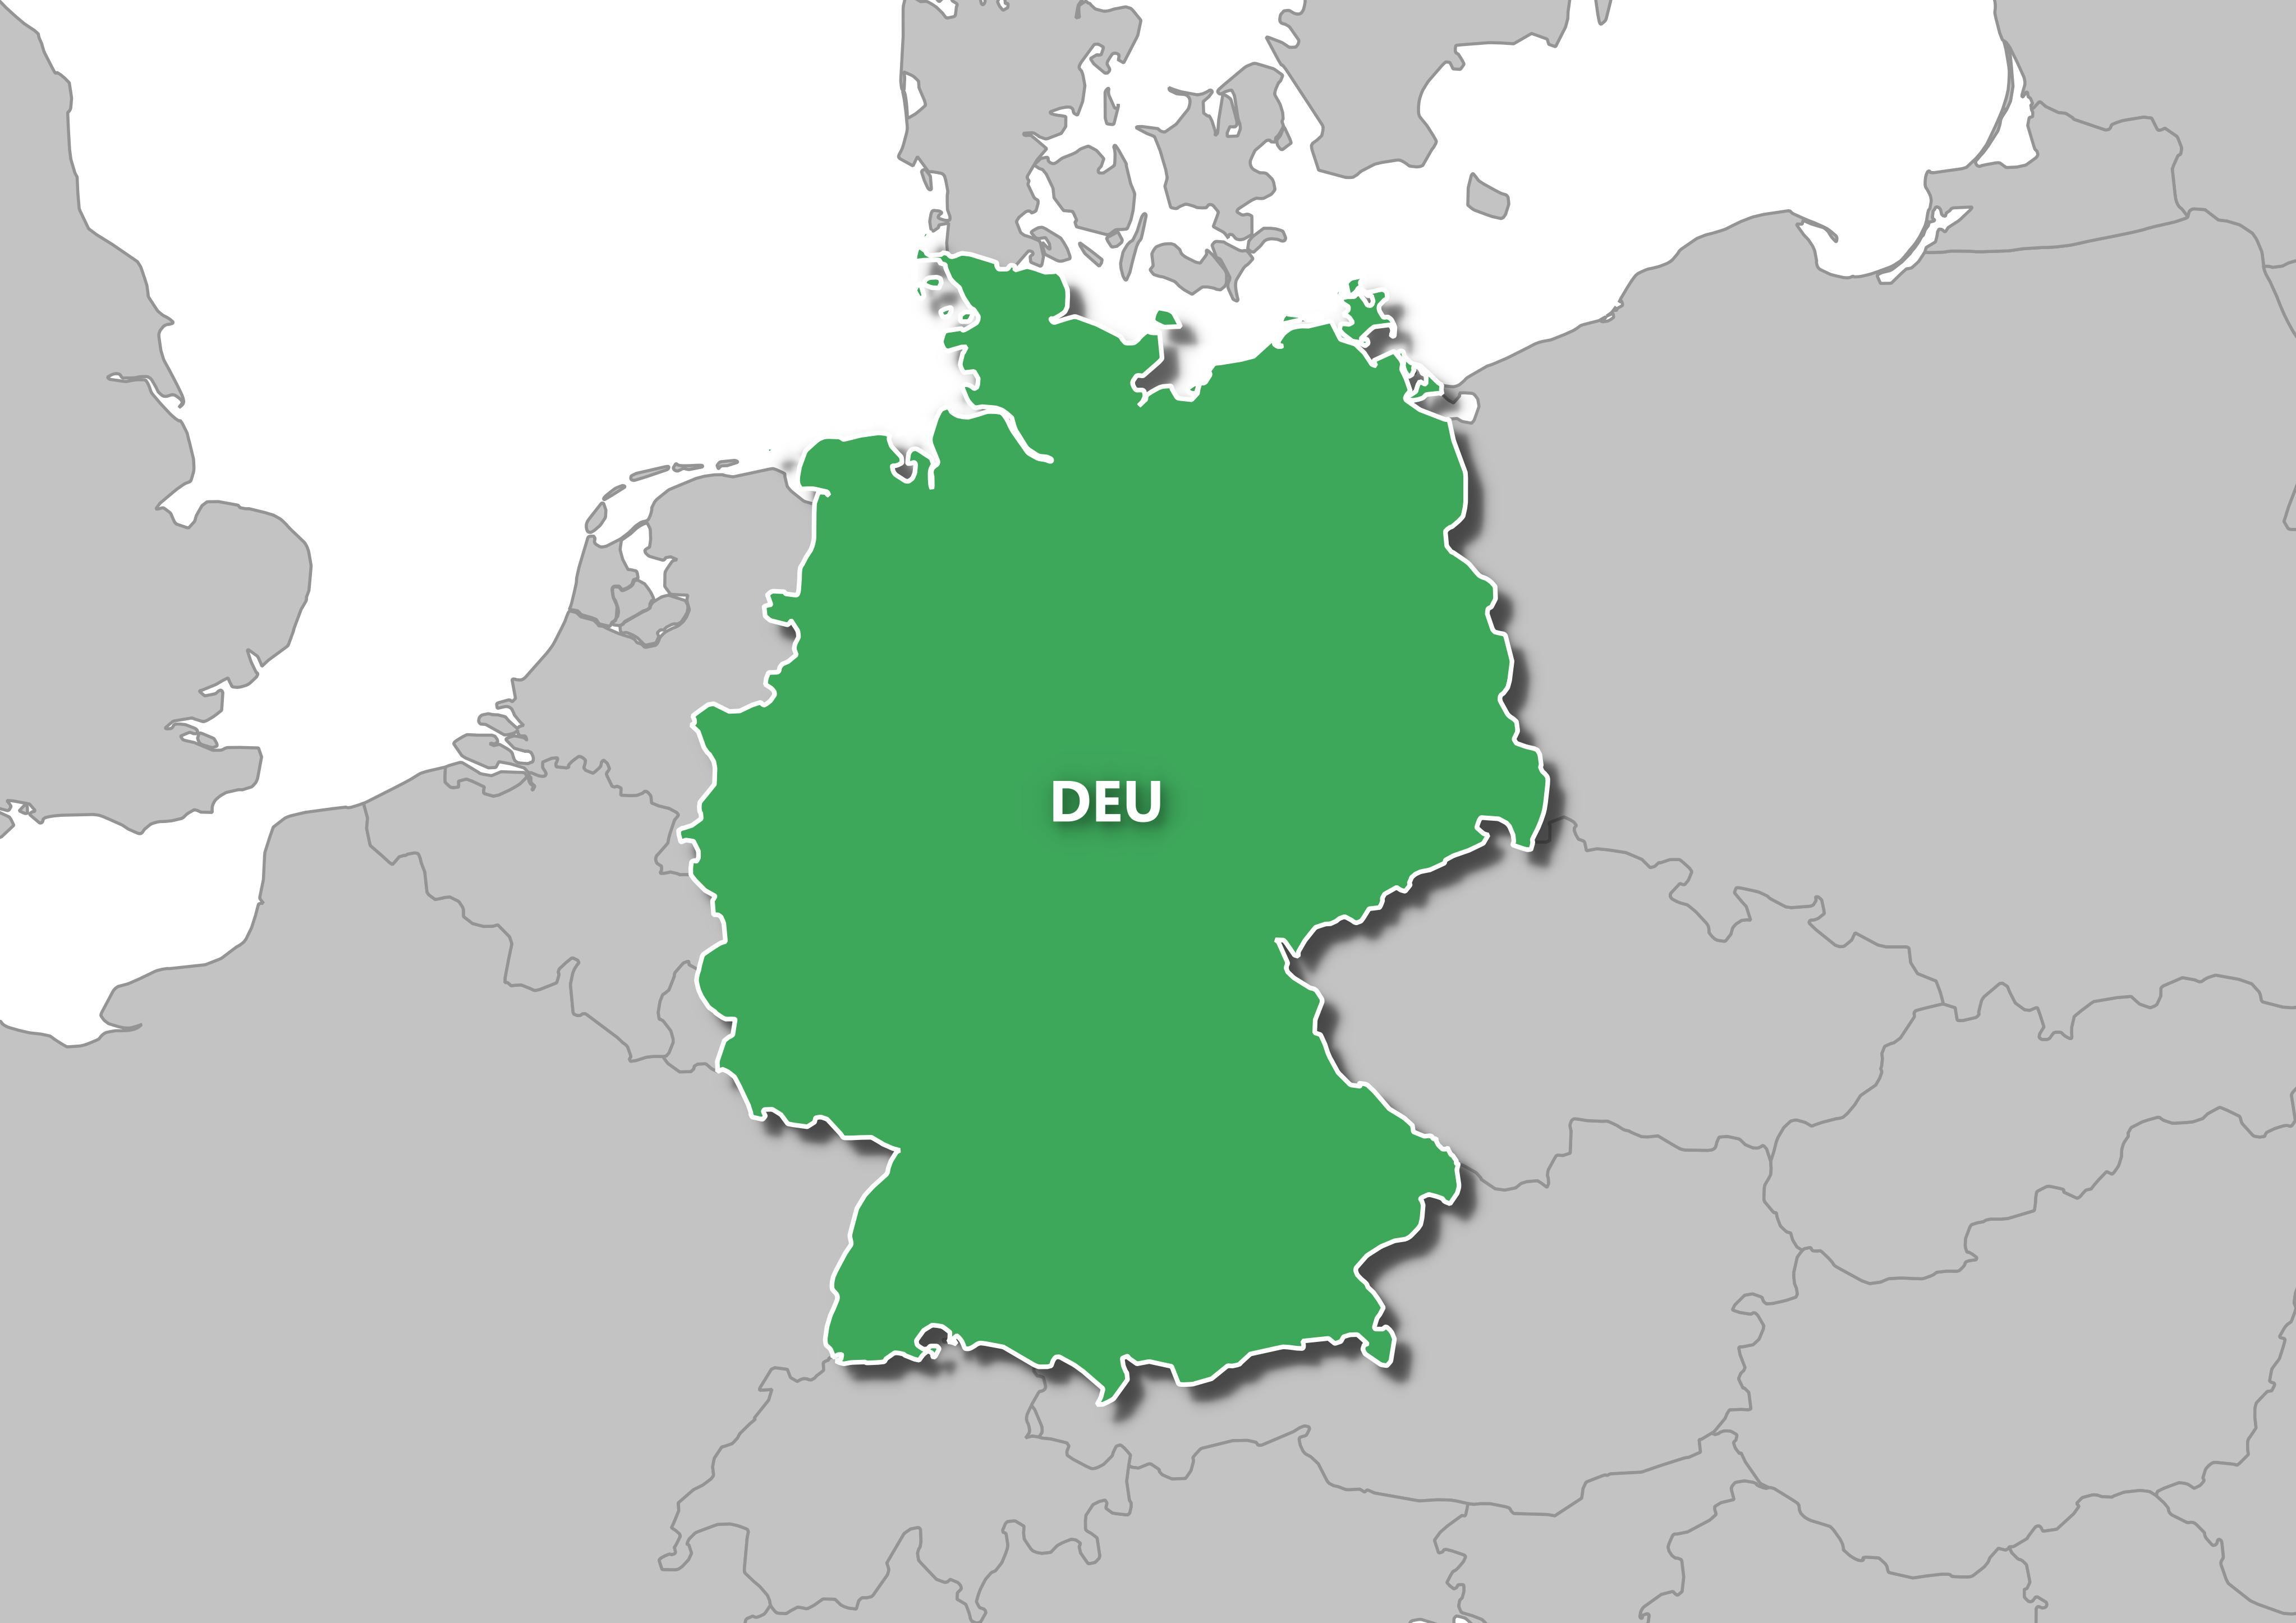 010-11288-06-GARMIN-Topo-Germany-v8-PRO-microSDSD-Karte-02YPQAULgAFIUjY